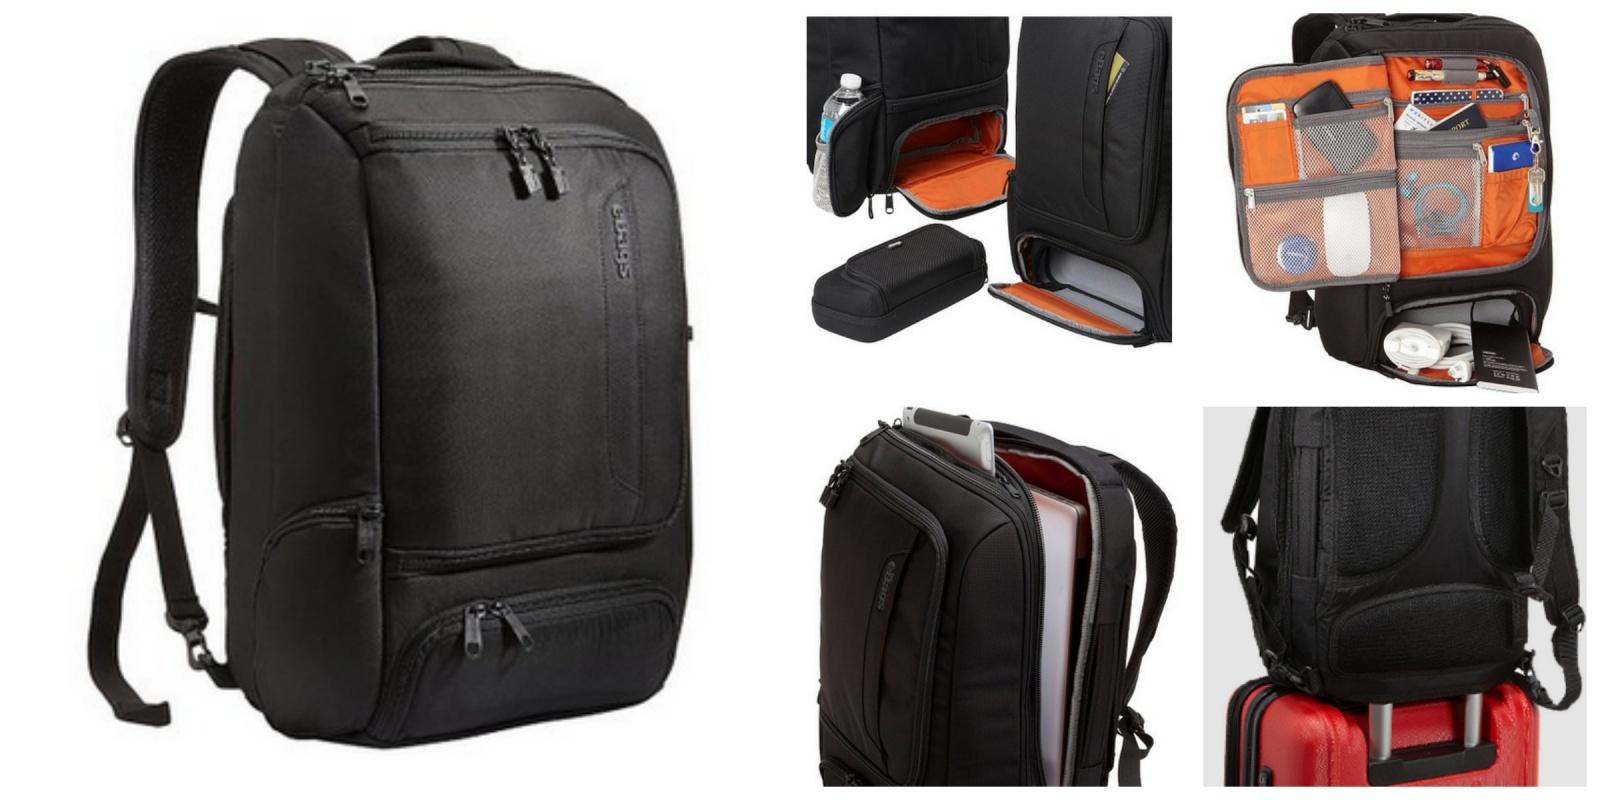 Рюкзак для гика: несколько вариантов от Madrobots - 4